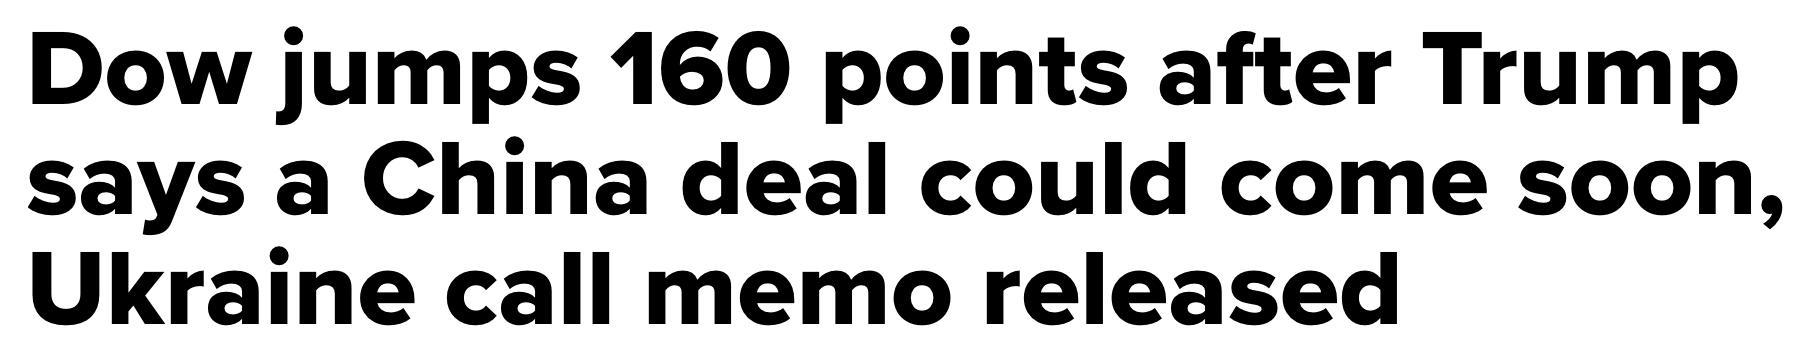 CNBC headline contradicts yesterday's headline